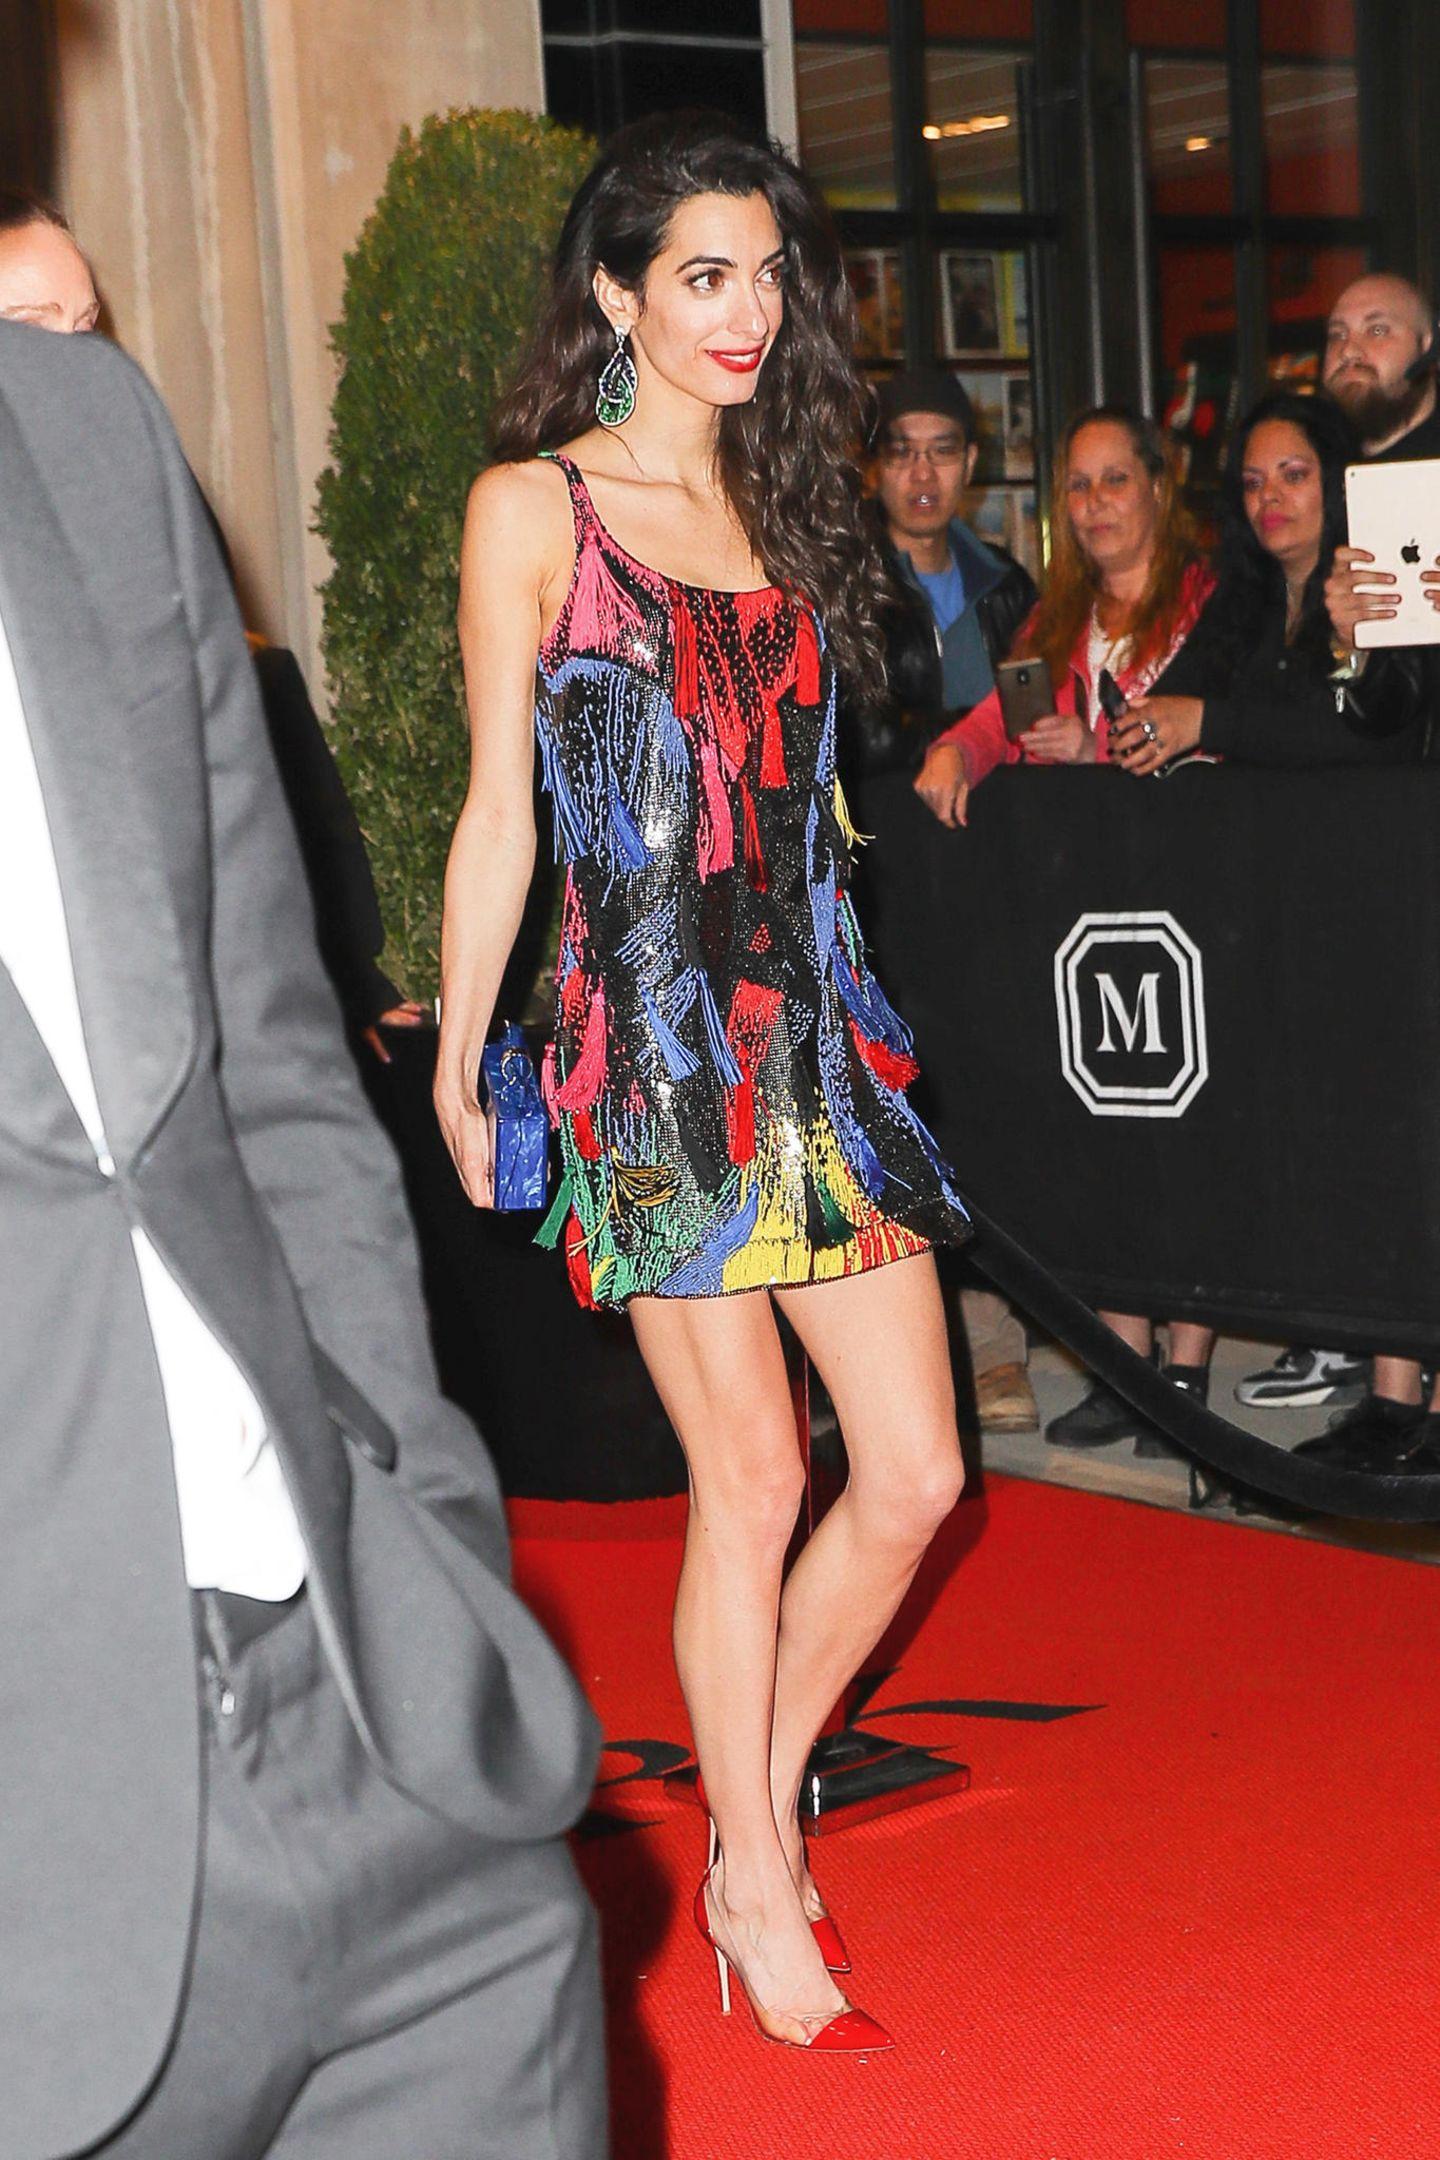 Zwei Aftershow-Partys, zwei Outfits: Amal Clooney glänzt auf der Versace Met Gala After-Party in einem farbenfrohen Minikleid mit Fransen. Doch an diesem Abend zeigt sie noch zwei weitere tolle Looks ...